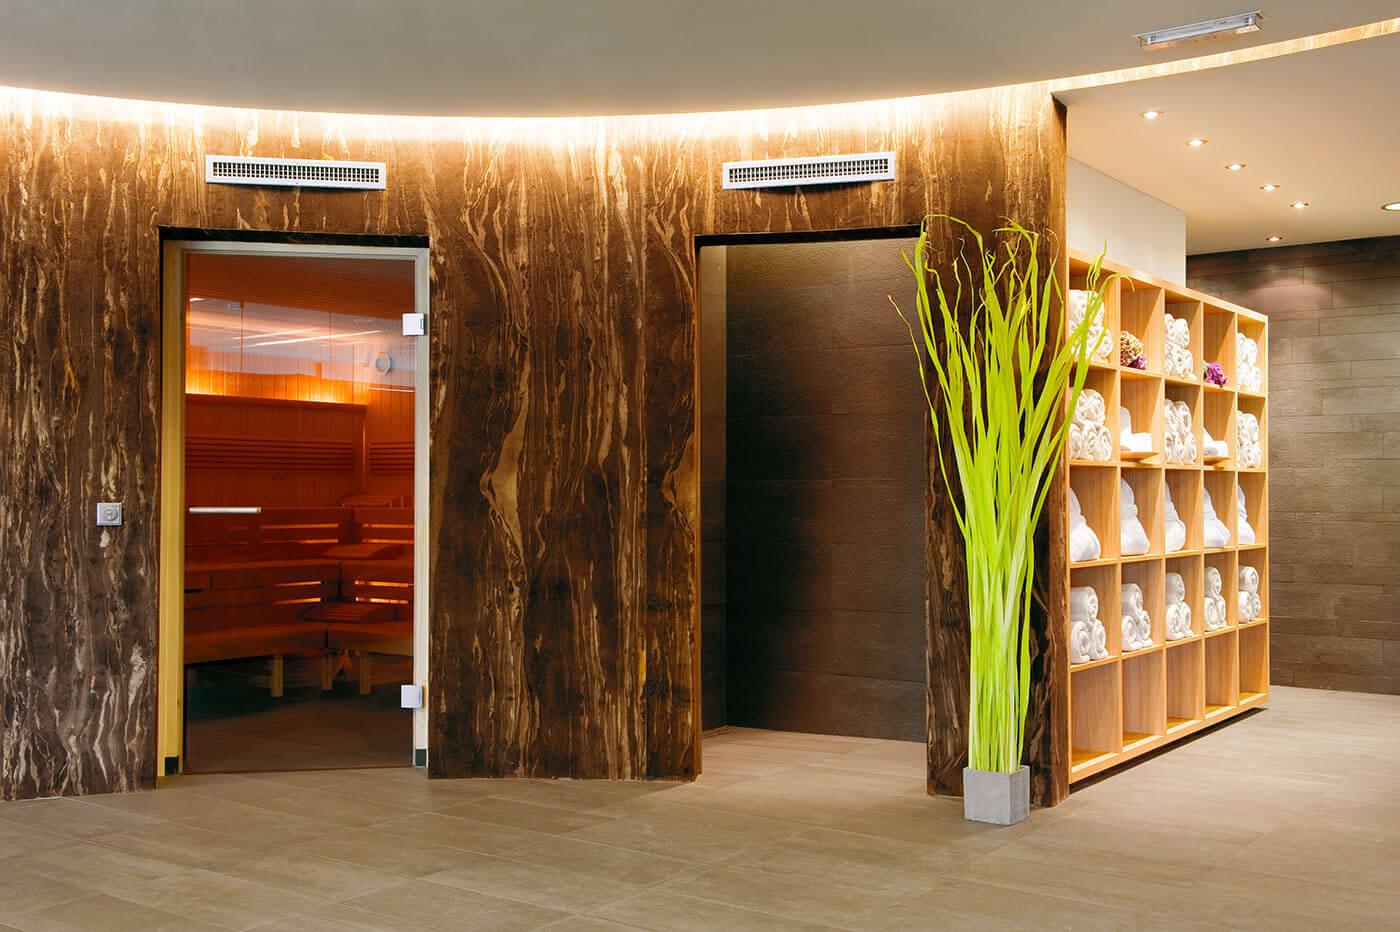 modernes designhotel in sterreich architektur des wellnesshotels ritzenhof salzburg. Black Bedroom Furniture Sets. Home Design Ideas